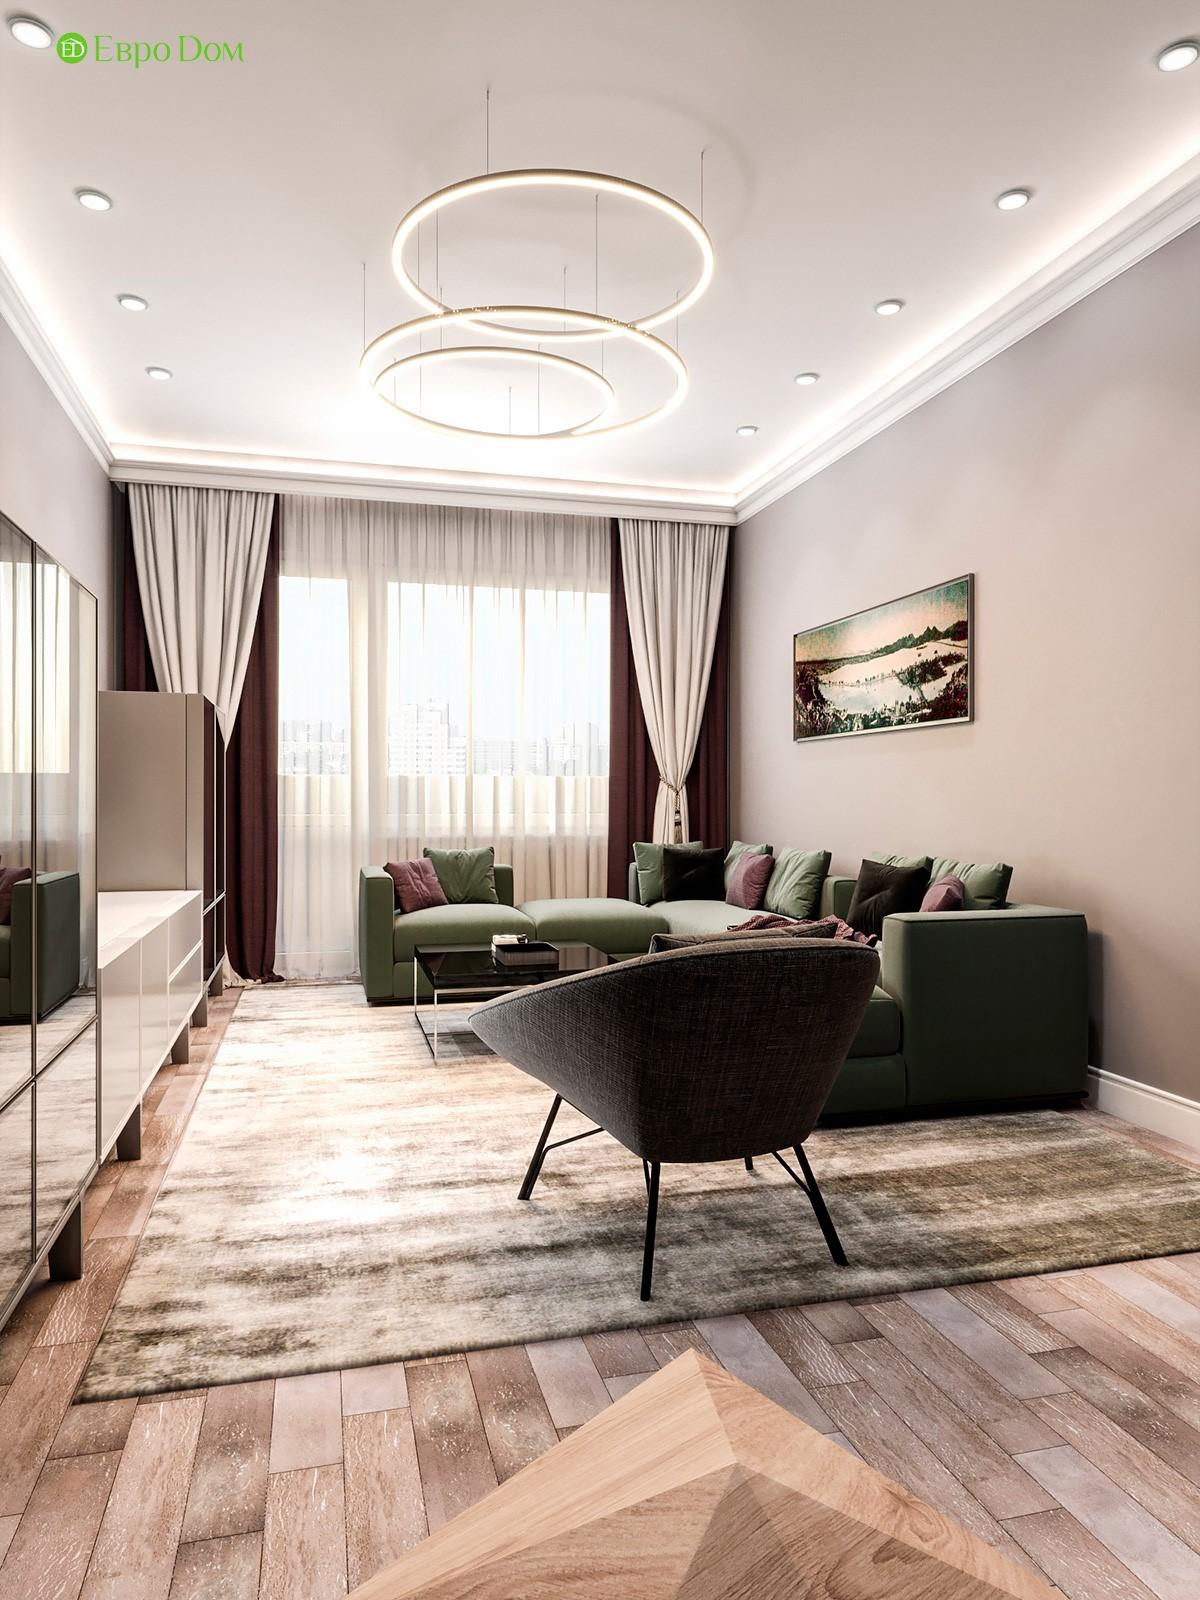 Дизайн ремонта двухкомнатной квартиры 61 кв. м в современном стиле. Интерьер гостиной